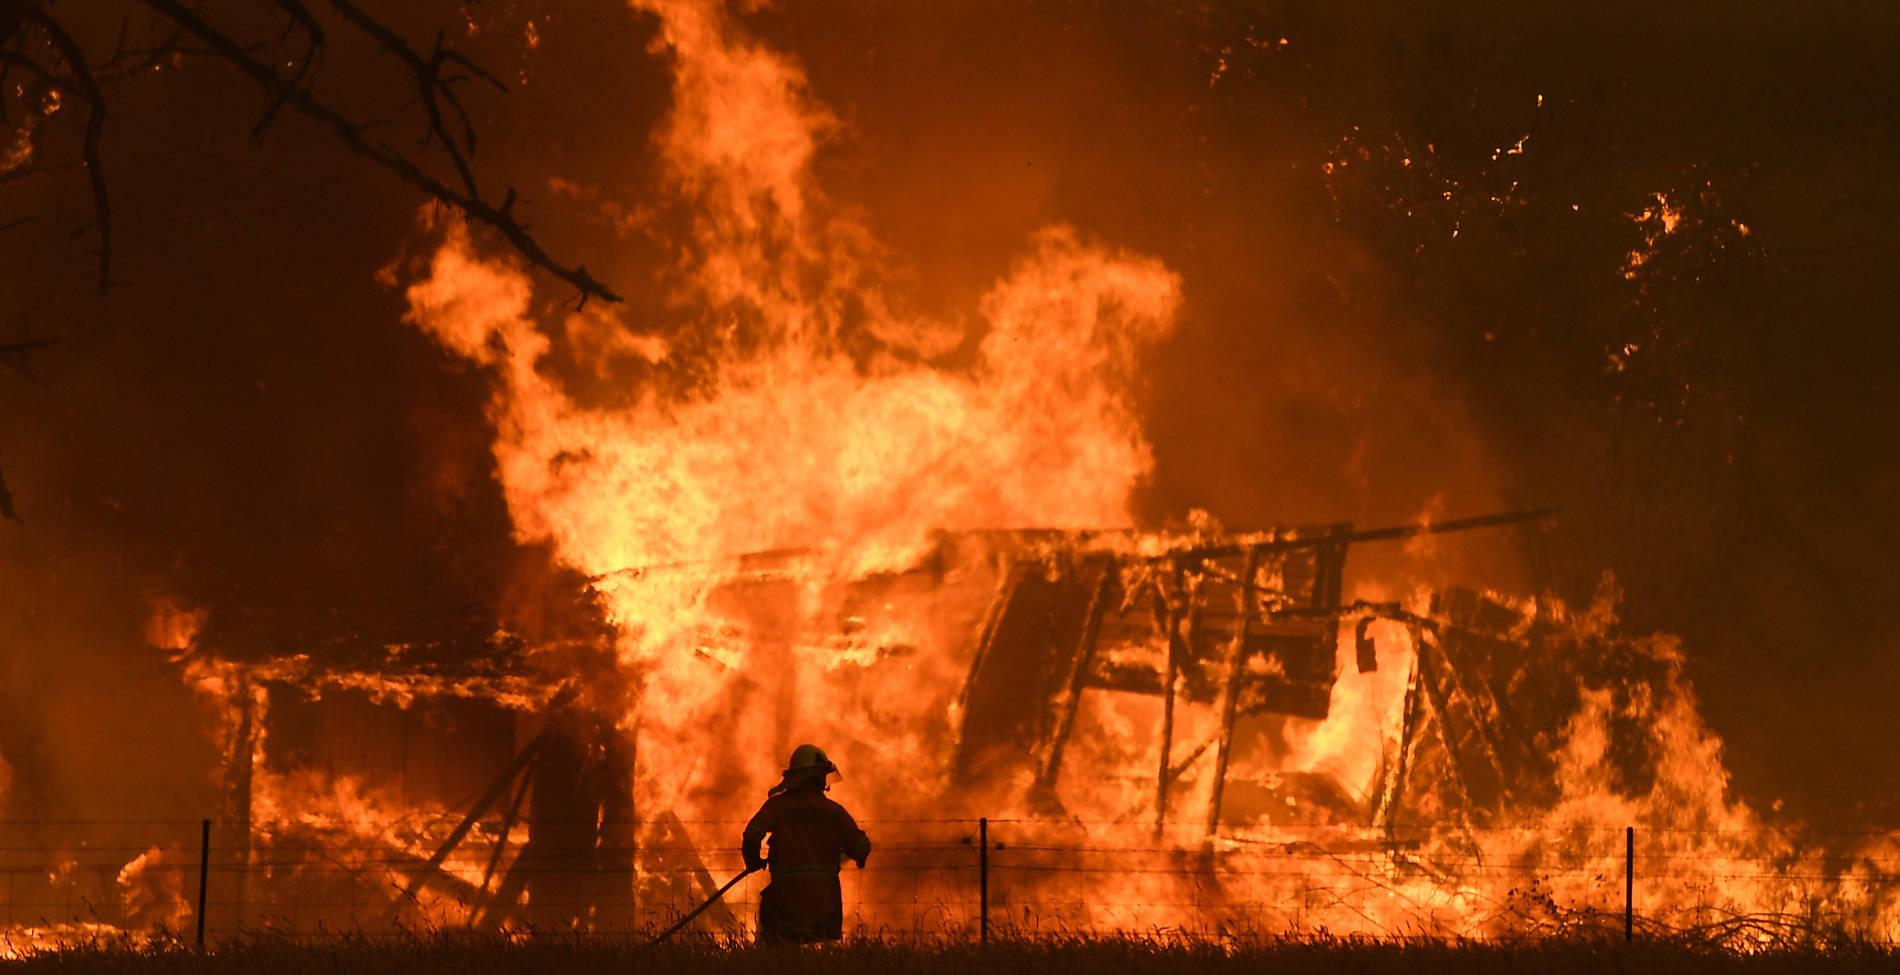 Οι πυρκαγιές στην Αυστραλία έχουν κάψει δασικές εκτάσεις όσο το 1/3 της Ελλάδας!